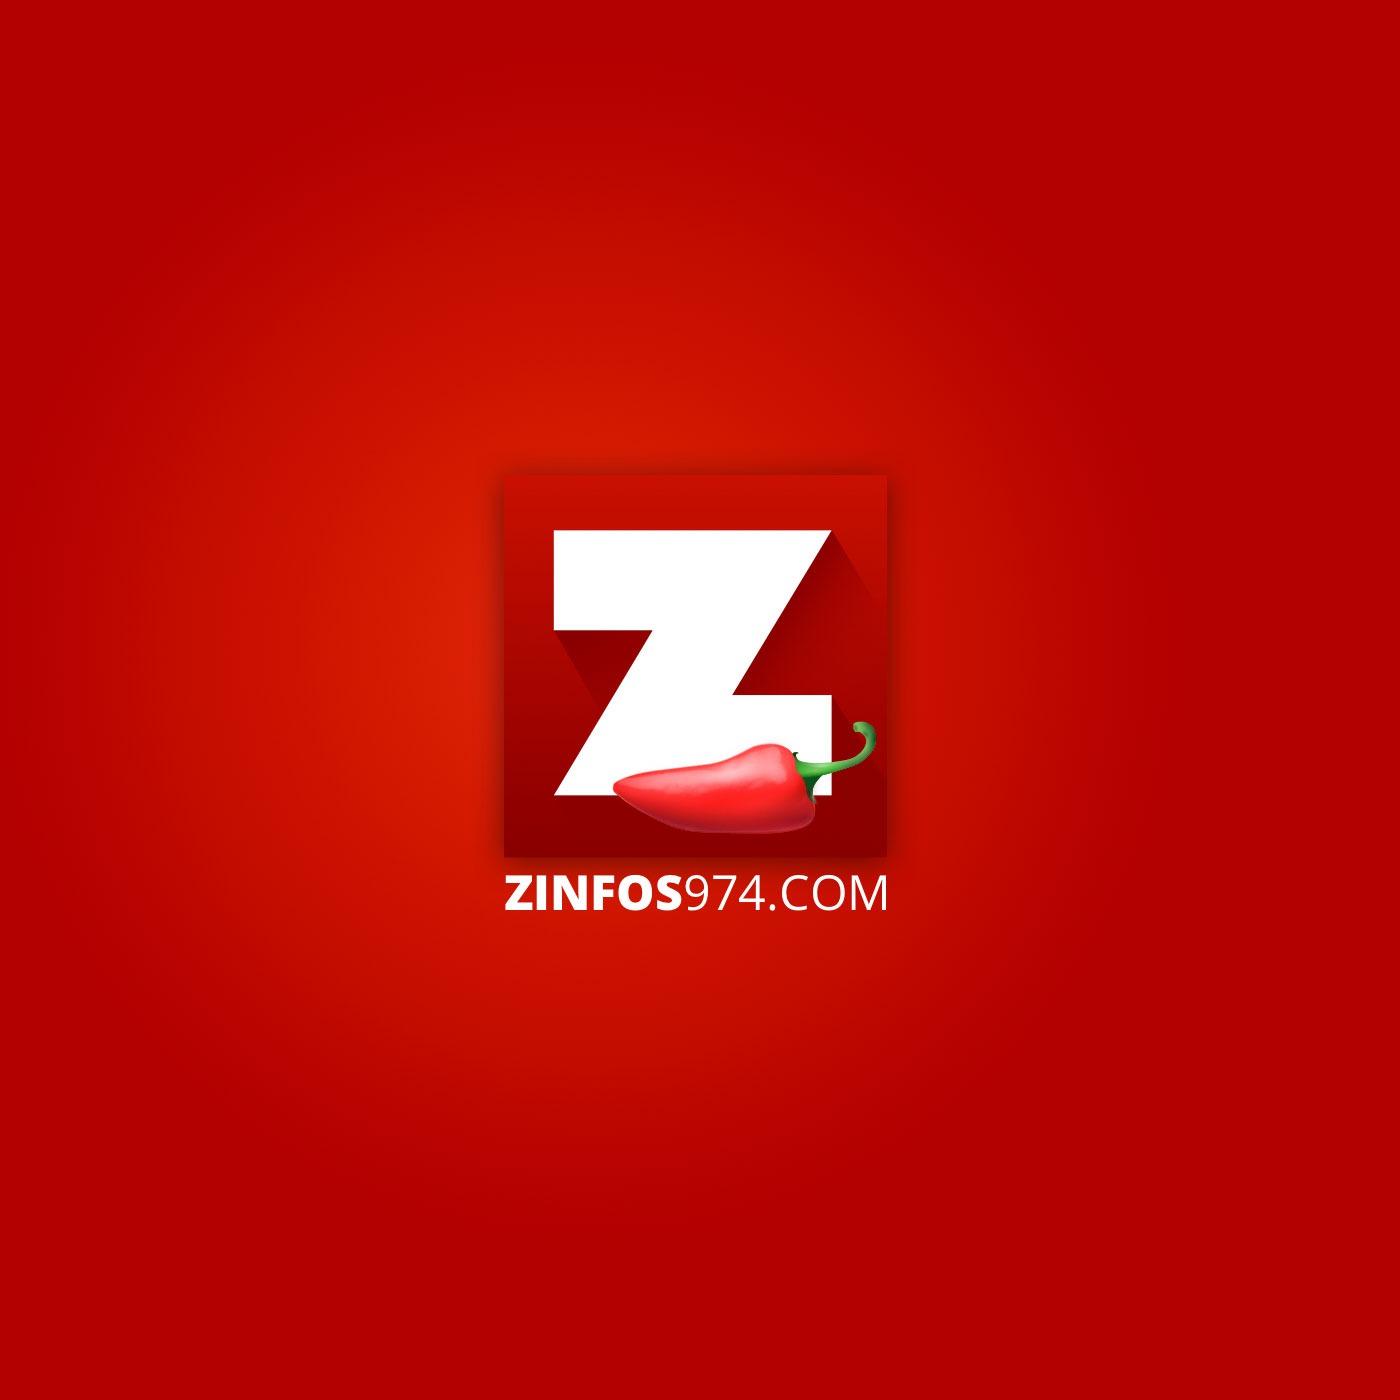 zinfos 974.jpg